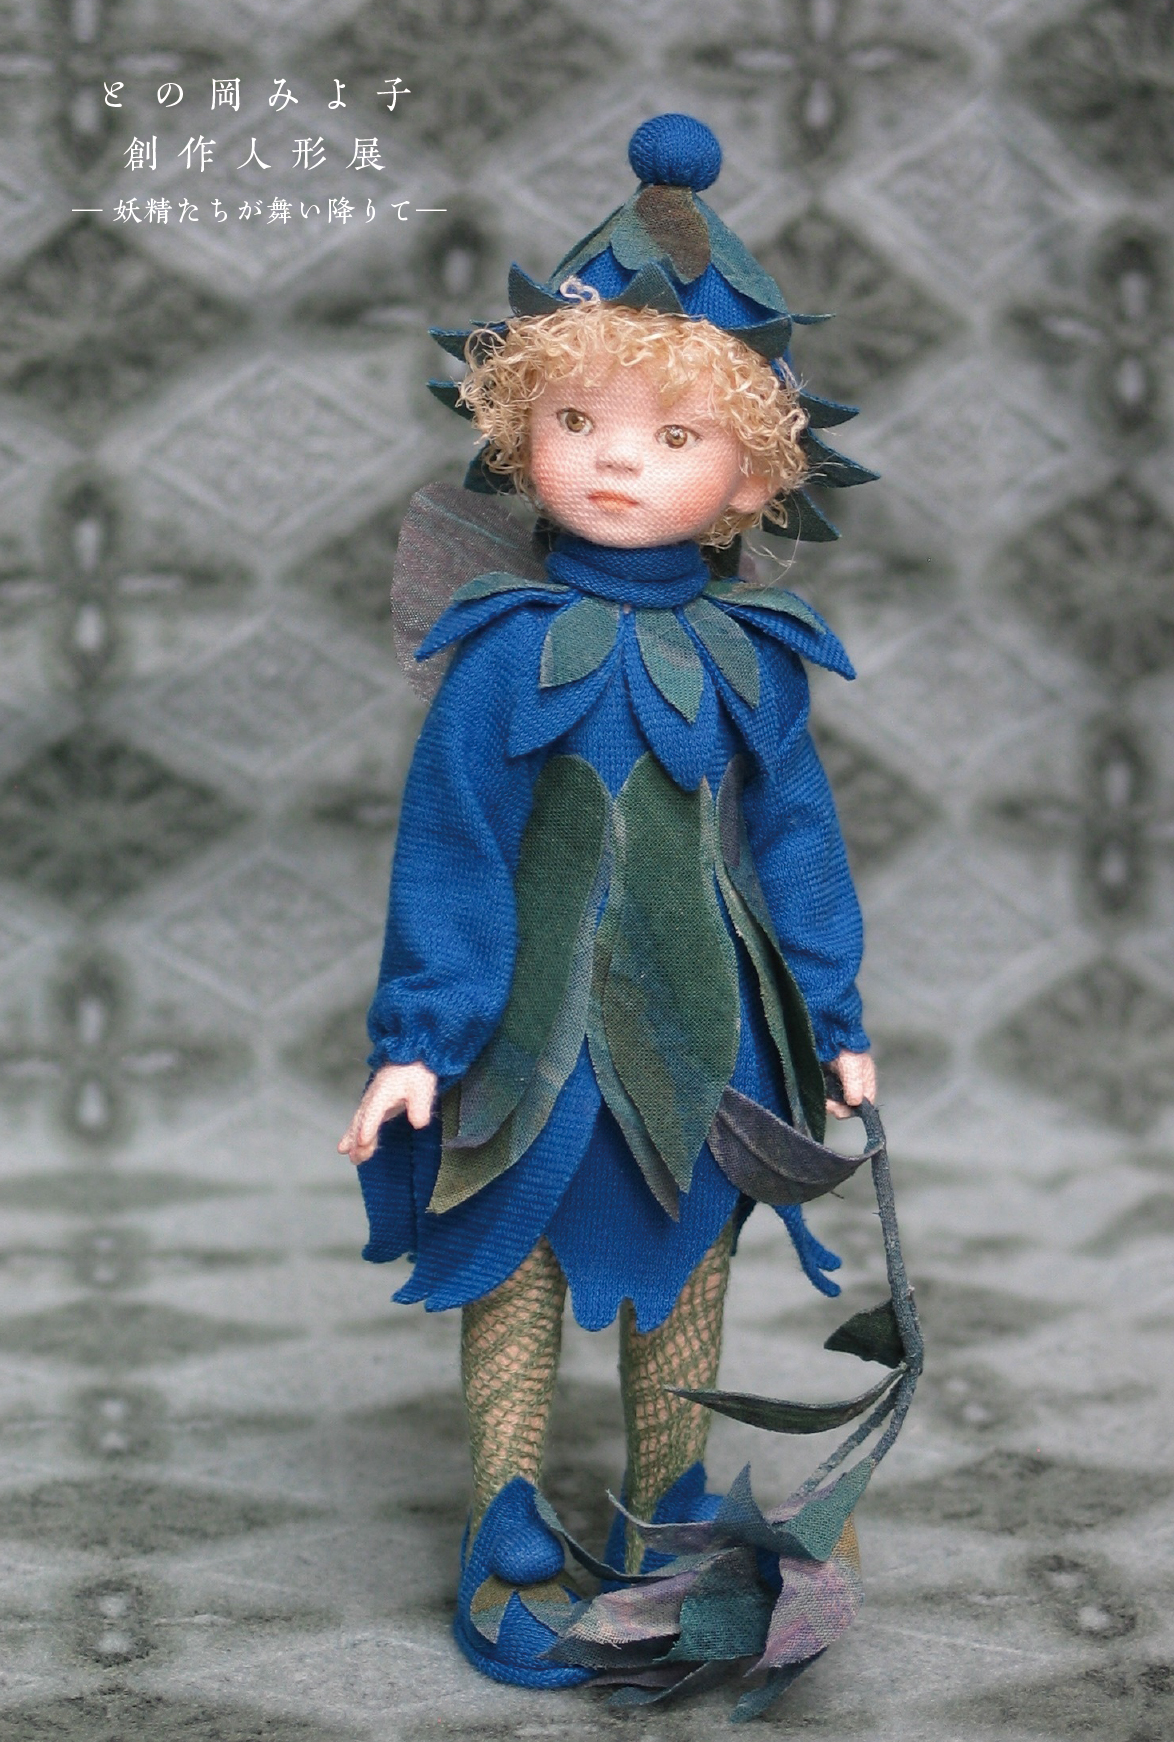 との岡みよ子<br>創作人形展 ─ 妖精たちが舞い降りて─